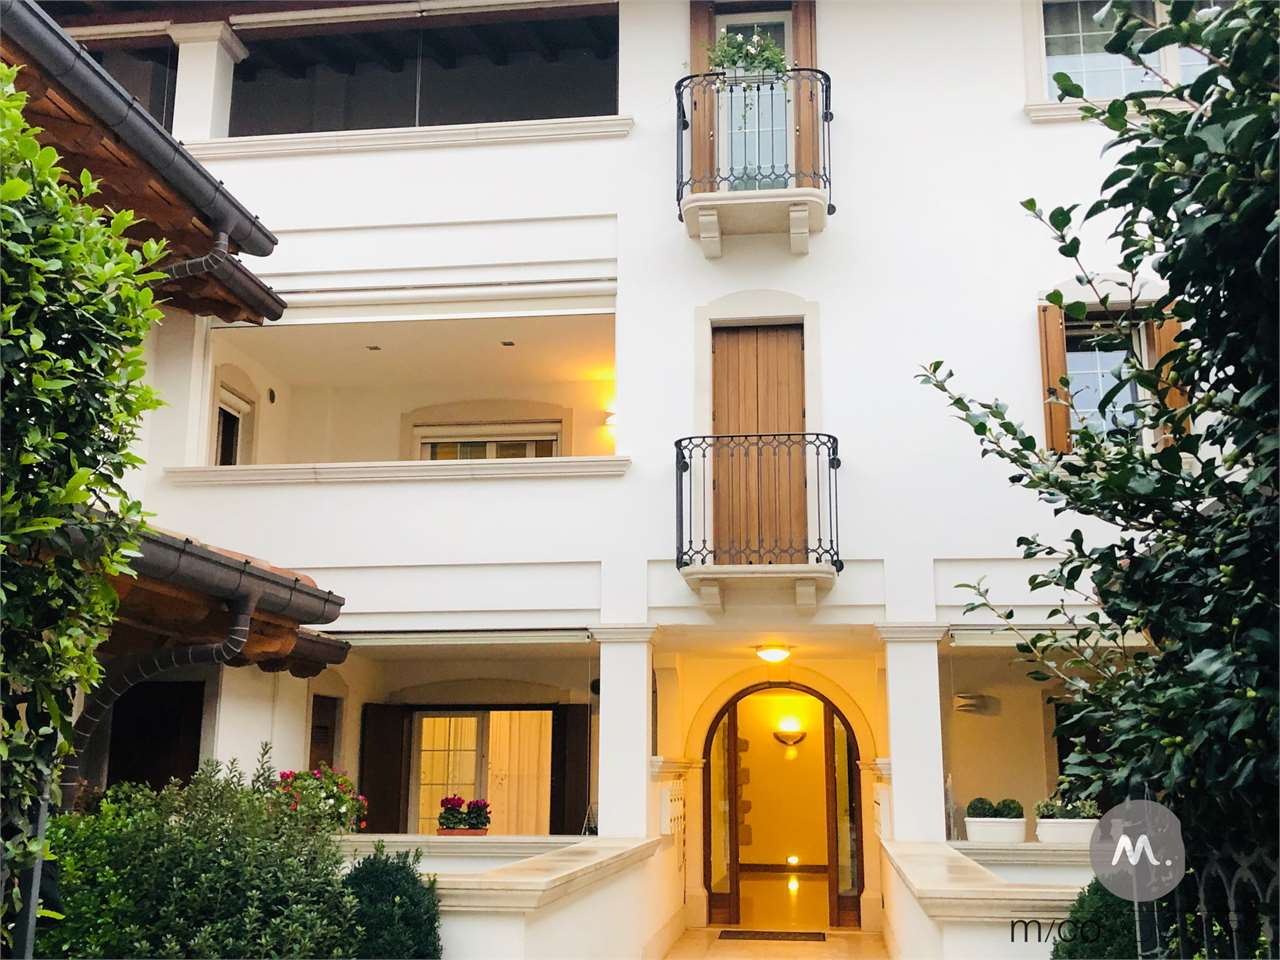 Recente appartamento due camere a Sacile